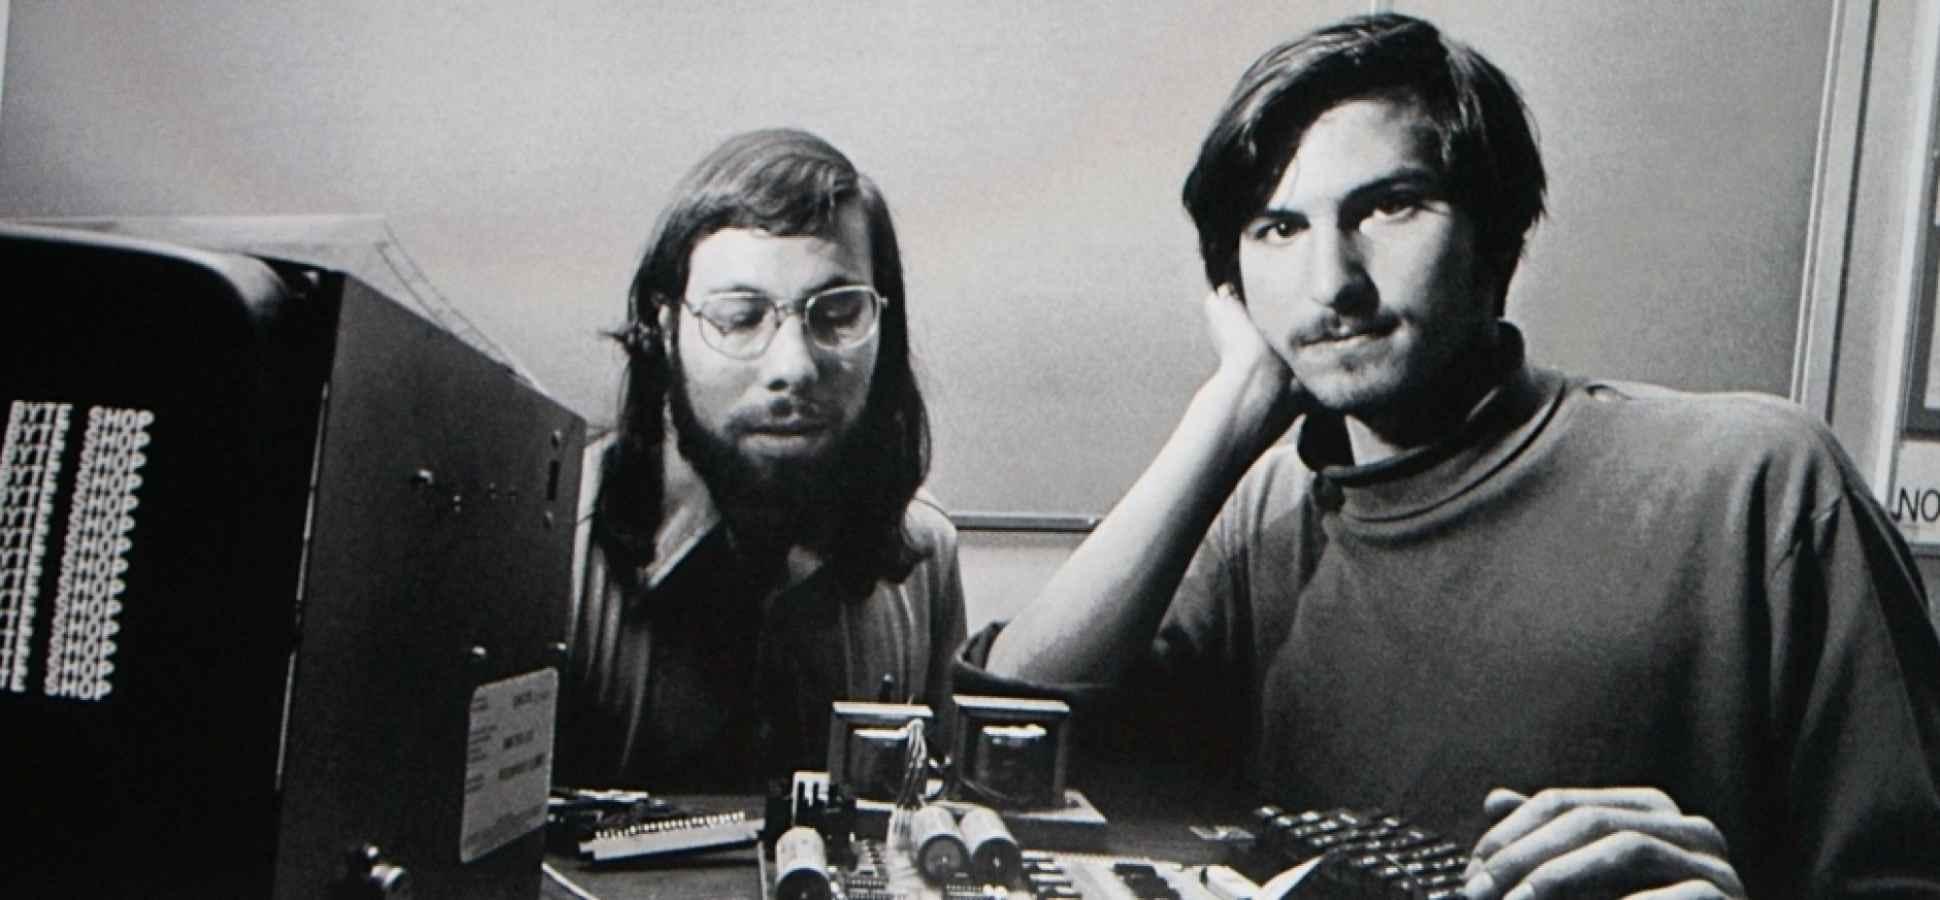 6 Revelations Steve Jobs Had Before He Turned 40